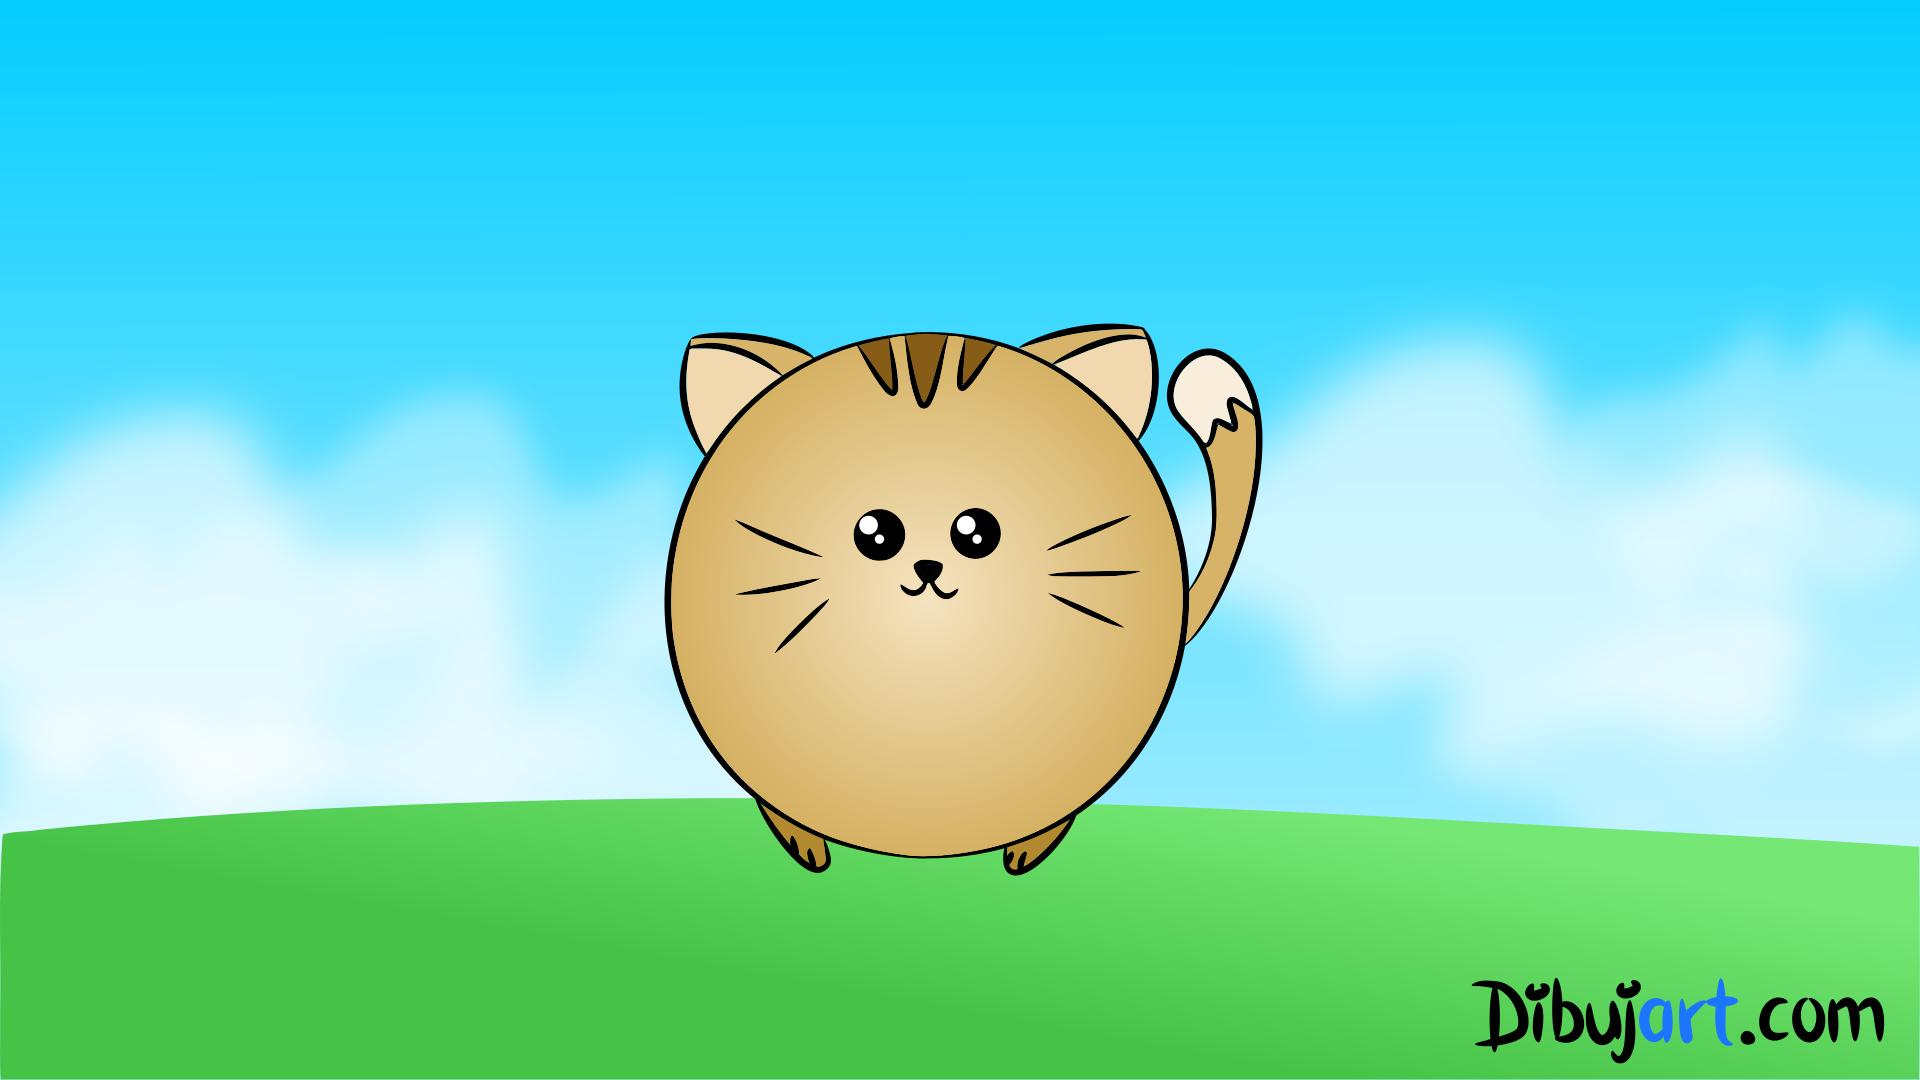 Cómo Dibujar Una Gato Fácil Kawaii #2